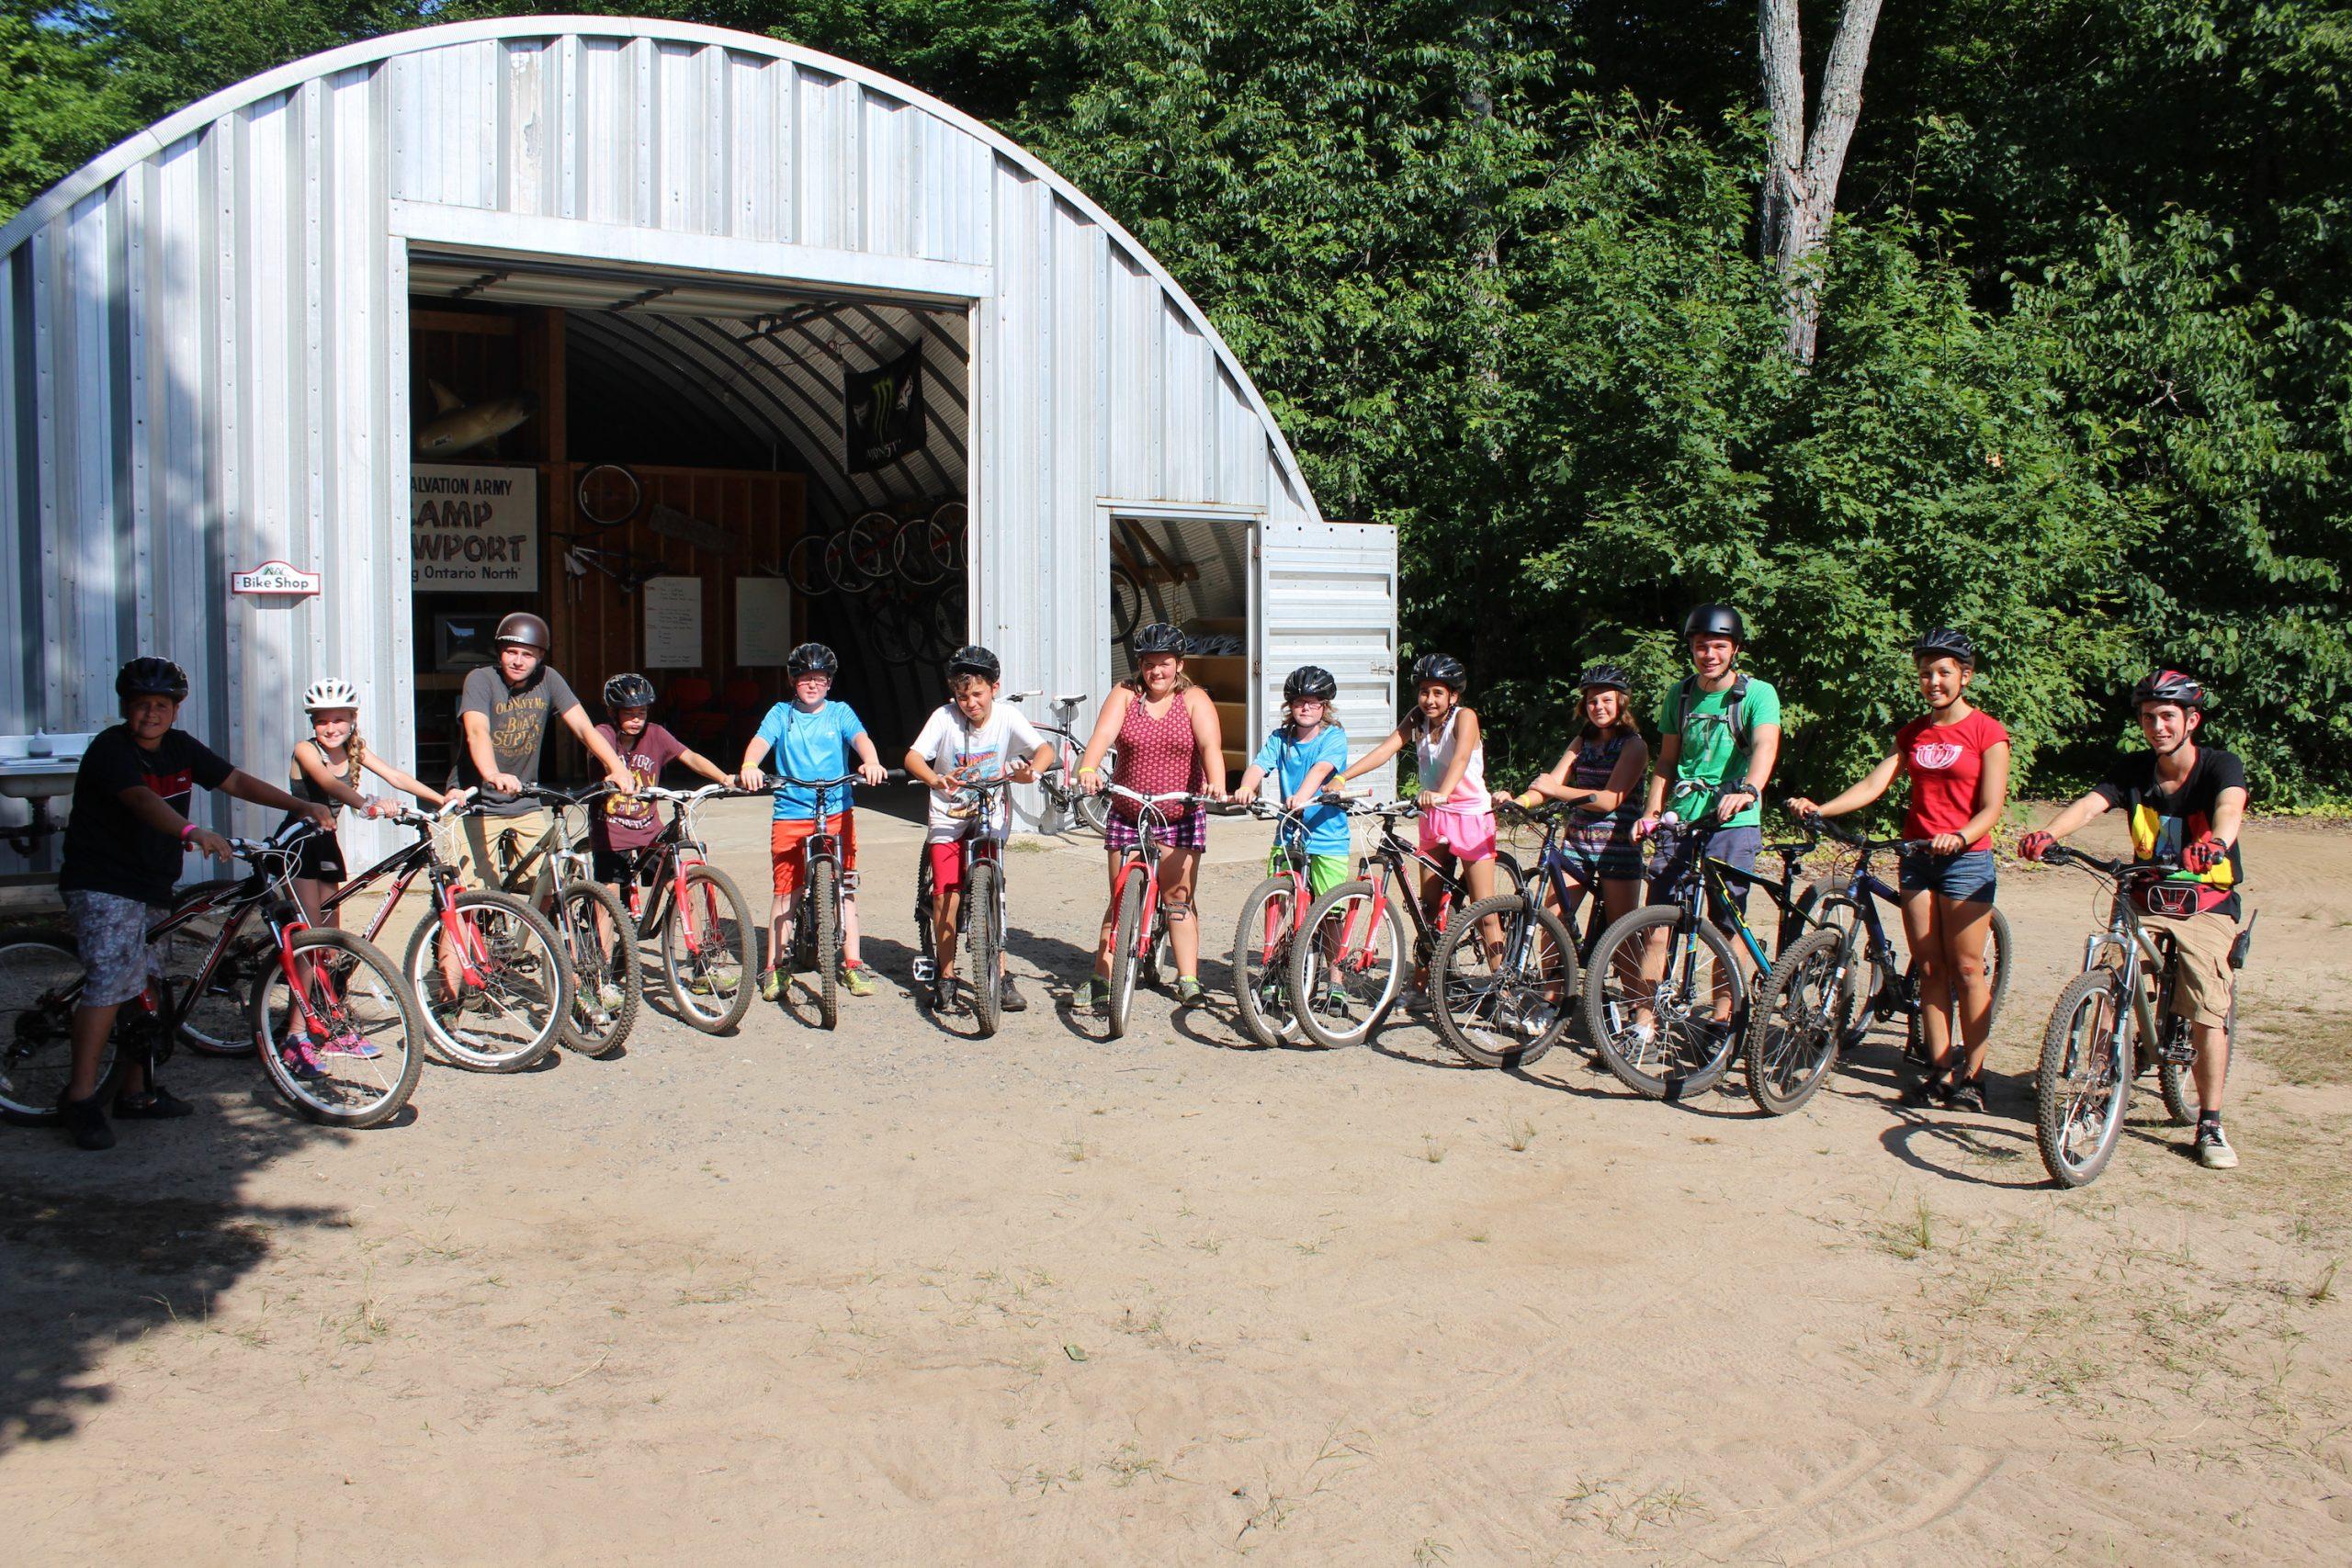 biking at newport